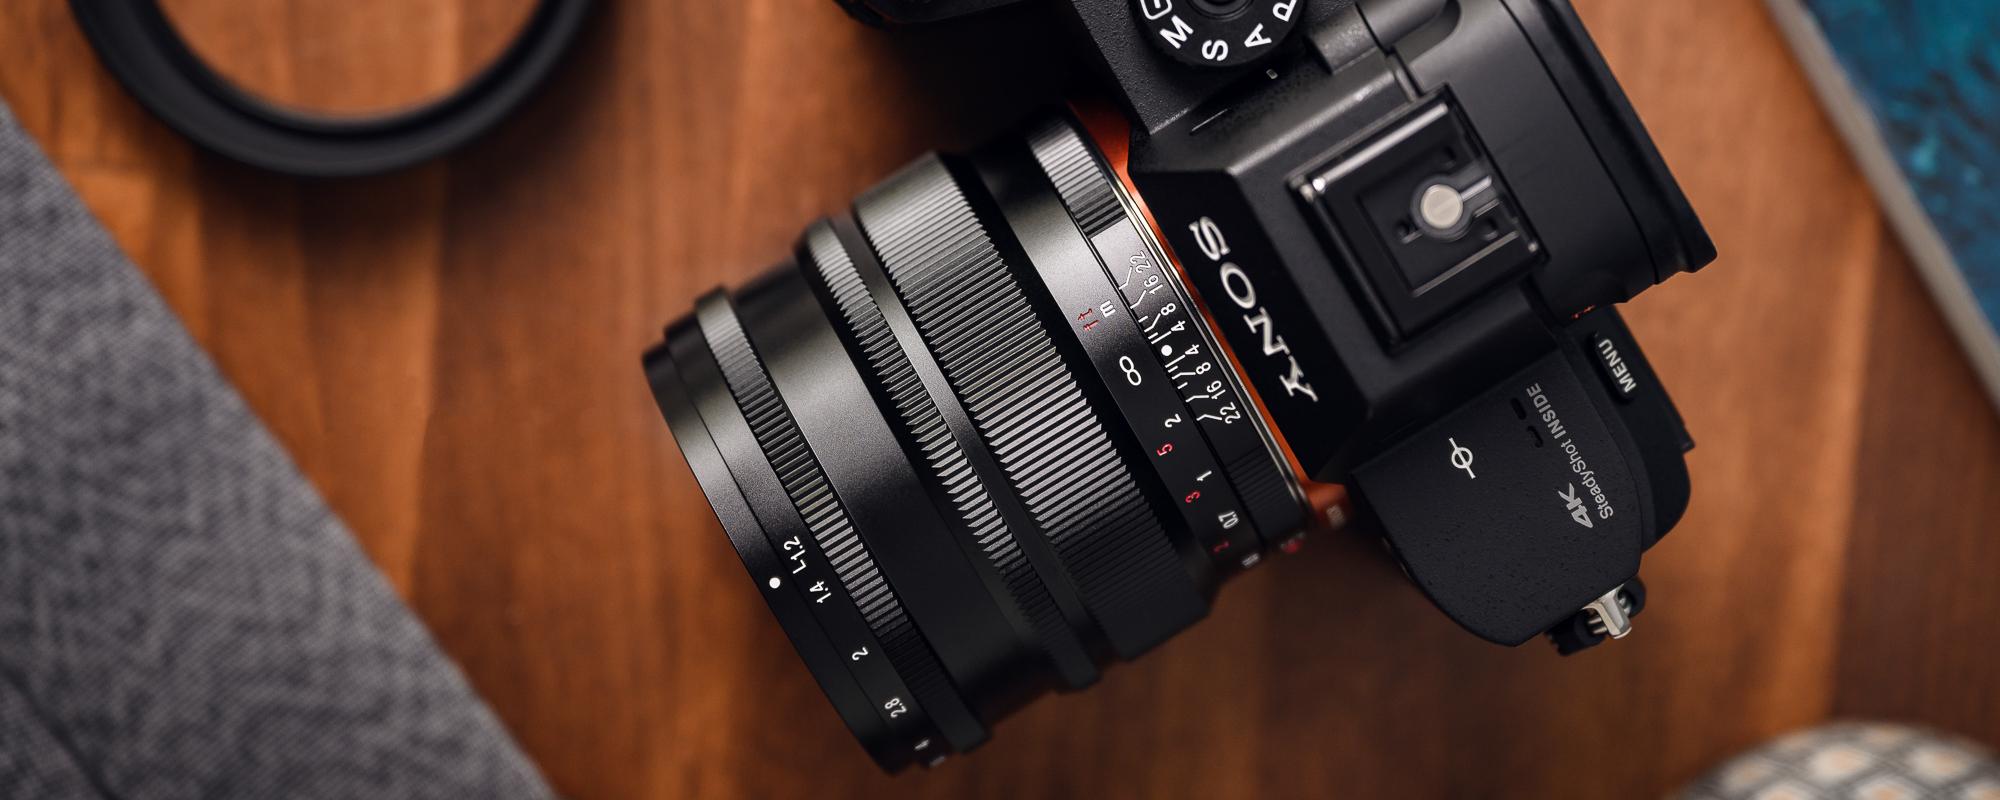 Obiektyw Voigtlander Nokton SE 35 mm f/1,2 do Sony E na drewnianym biurku podpięty do aparatu Sony - widok z góry